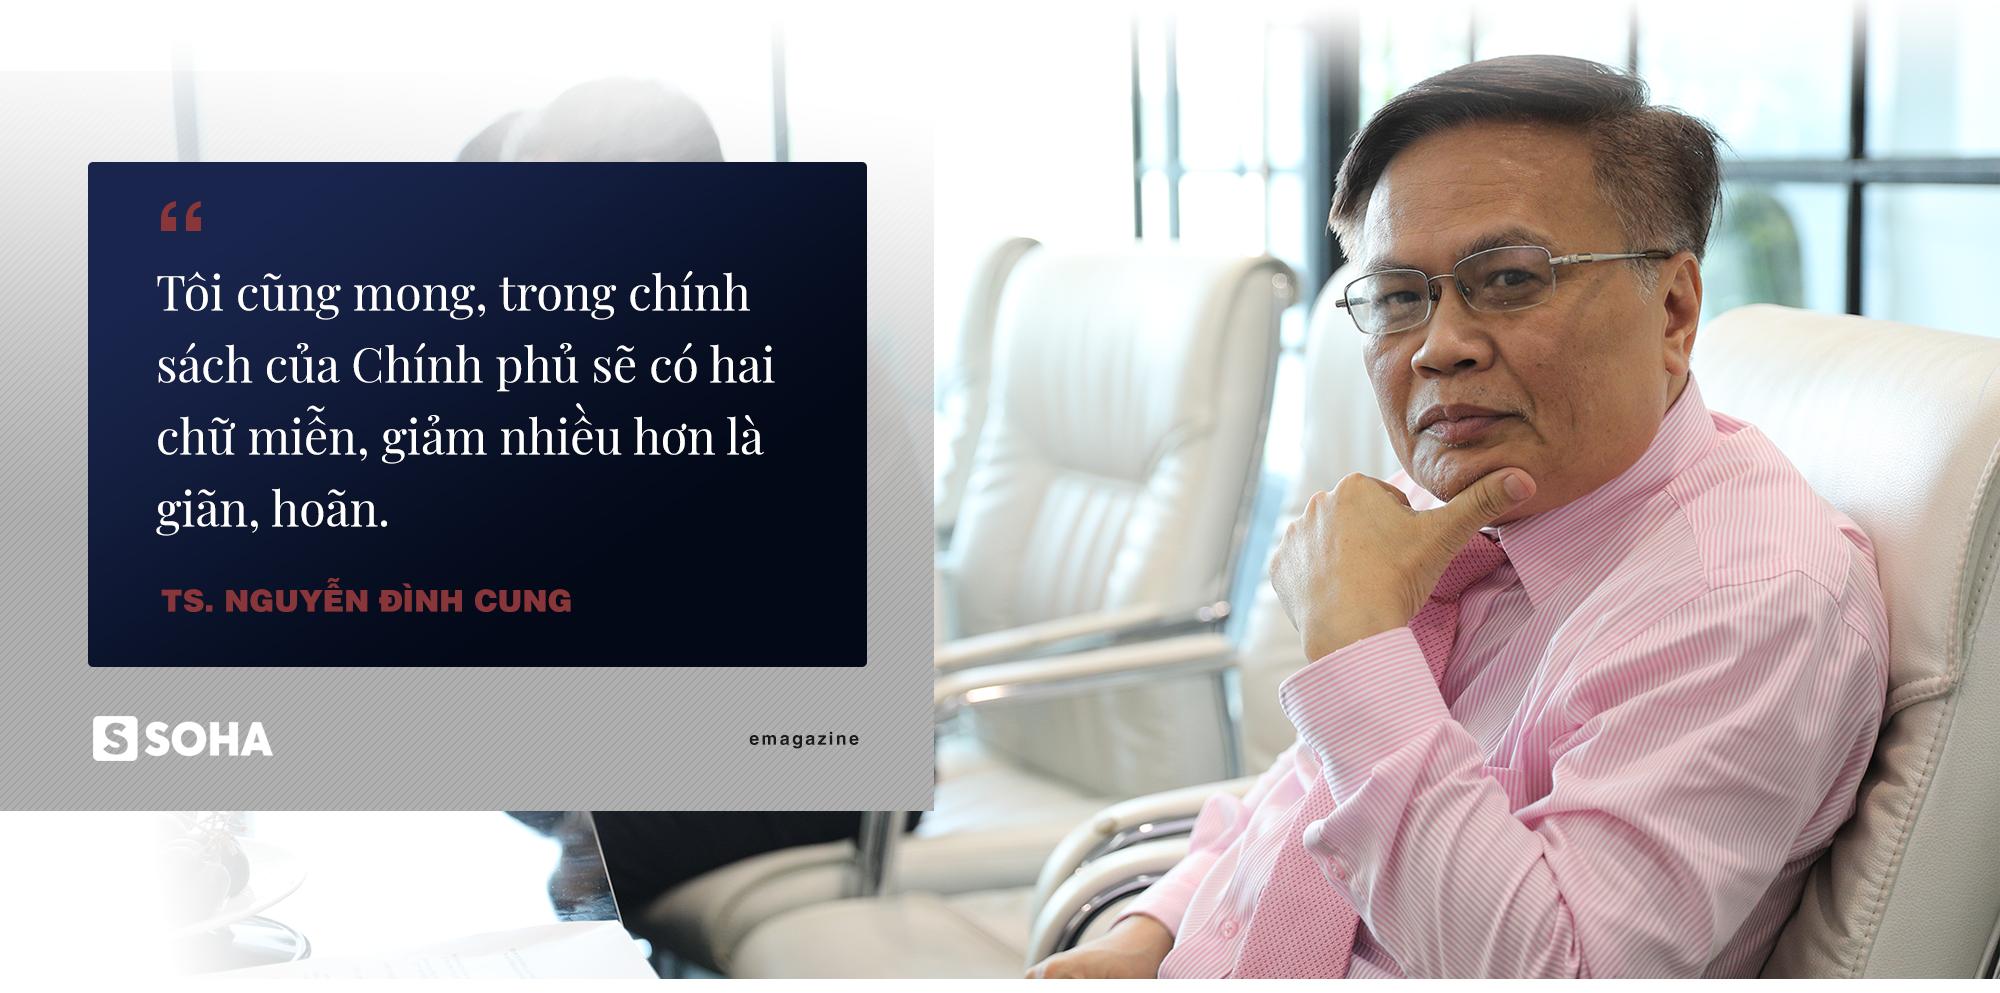 """TS Nguyễn Đình Cung: """"Tôi rất mong các tập đoàn nhà nước ngừng than vãn và ngừng xin tiền"""" - Ảnh 11."""